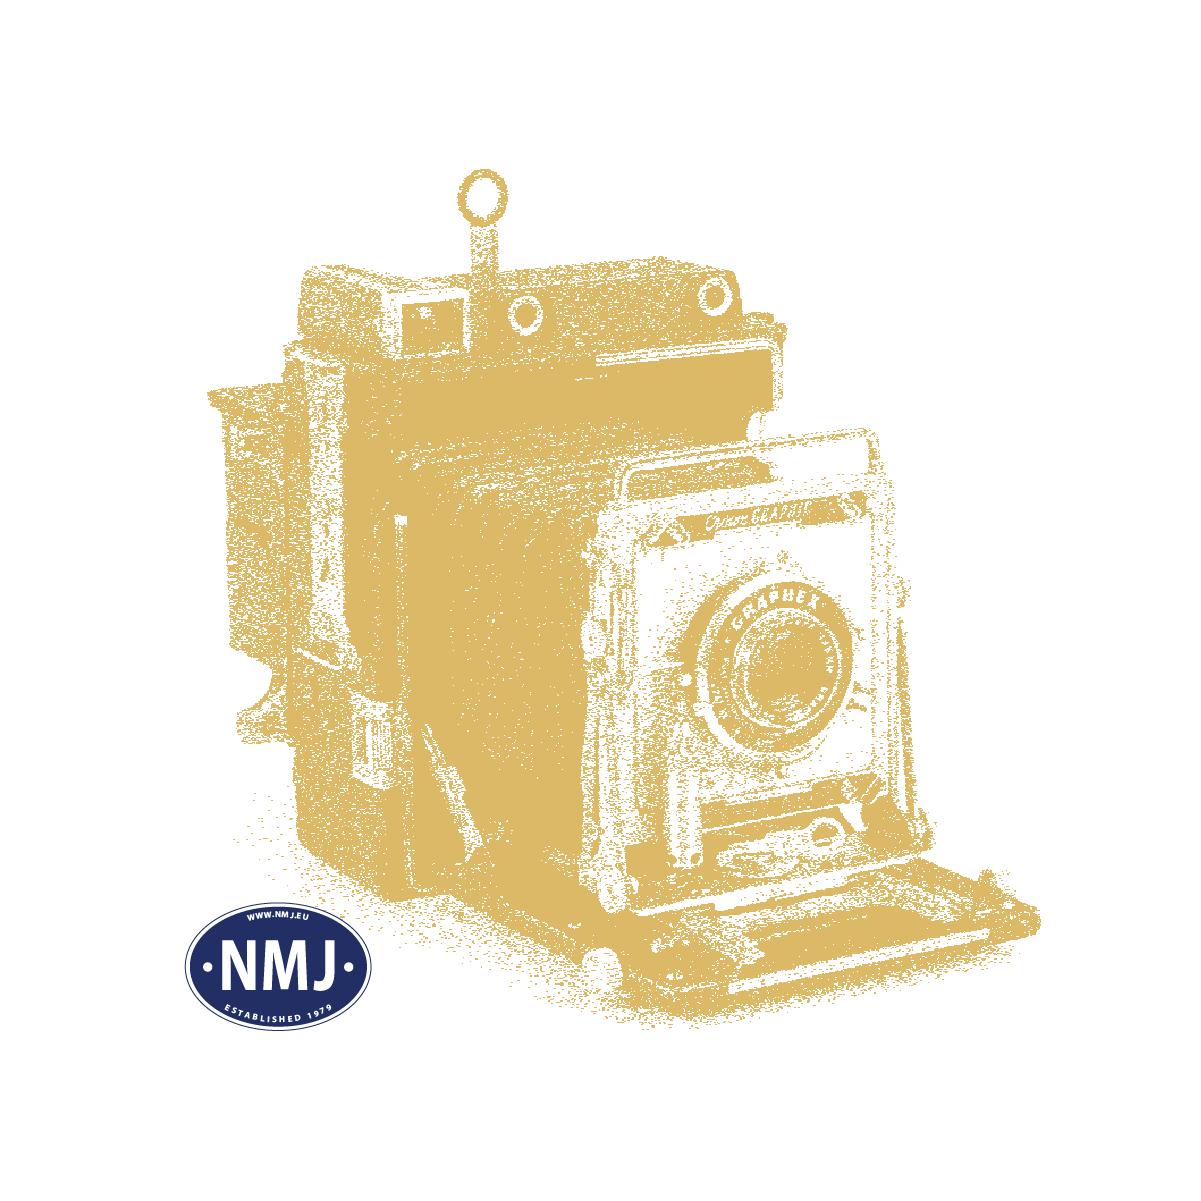 NMJT145303 - NMJ Topline CFL 1601 Ursprungsausführung, DCC m/ Sound, Spür 0